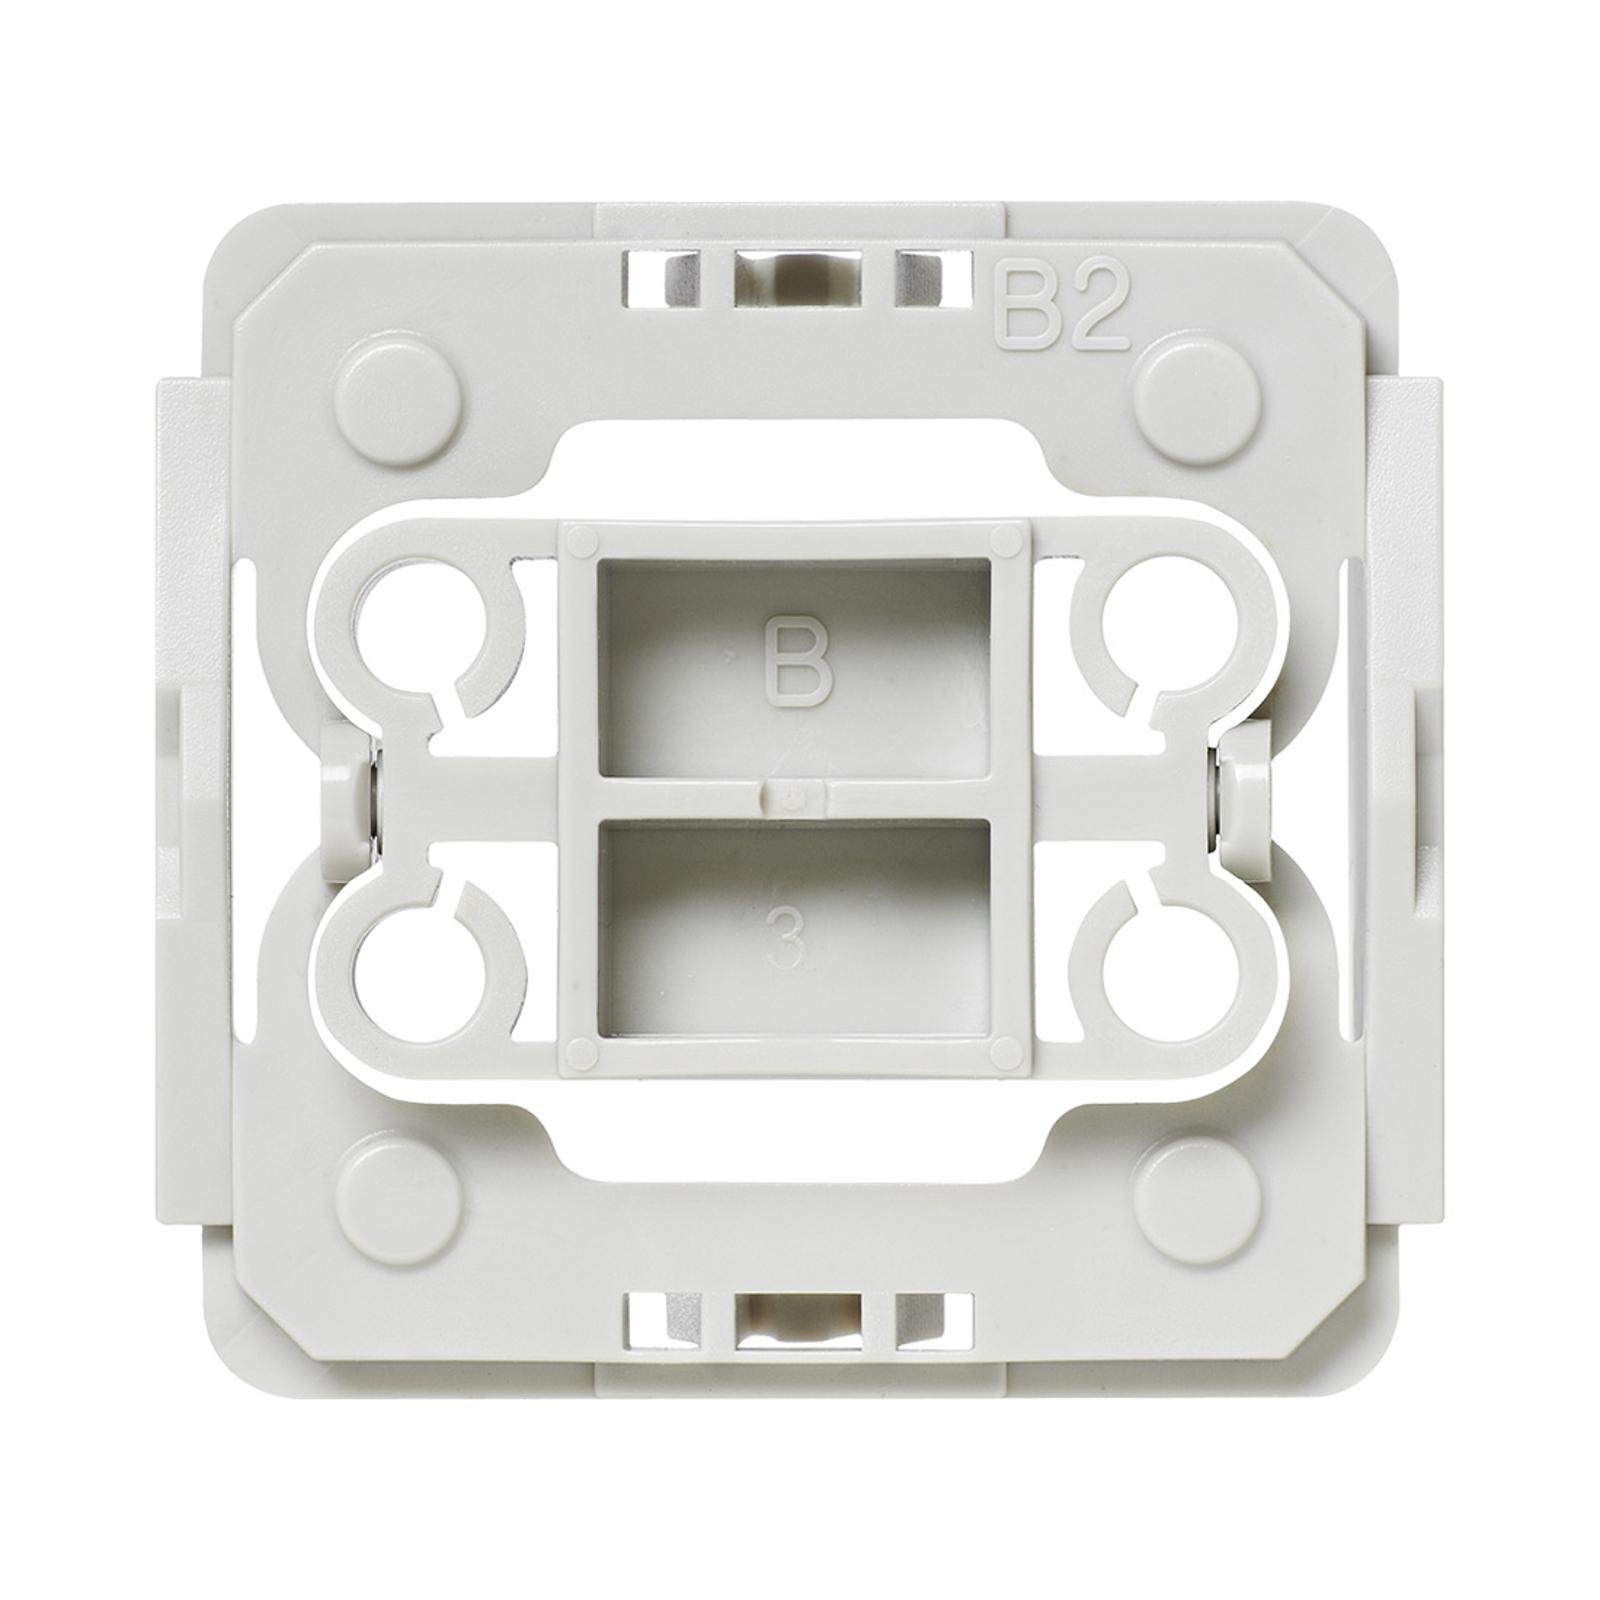 Homematic IP adaptateur interrupteur Berker B2 20x